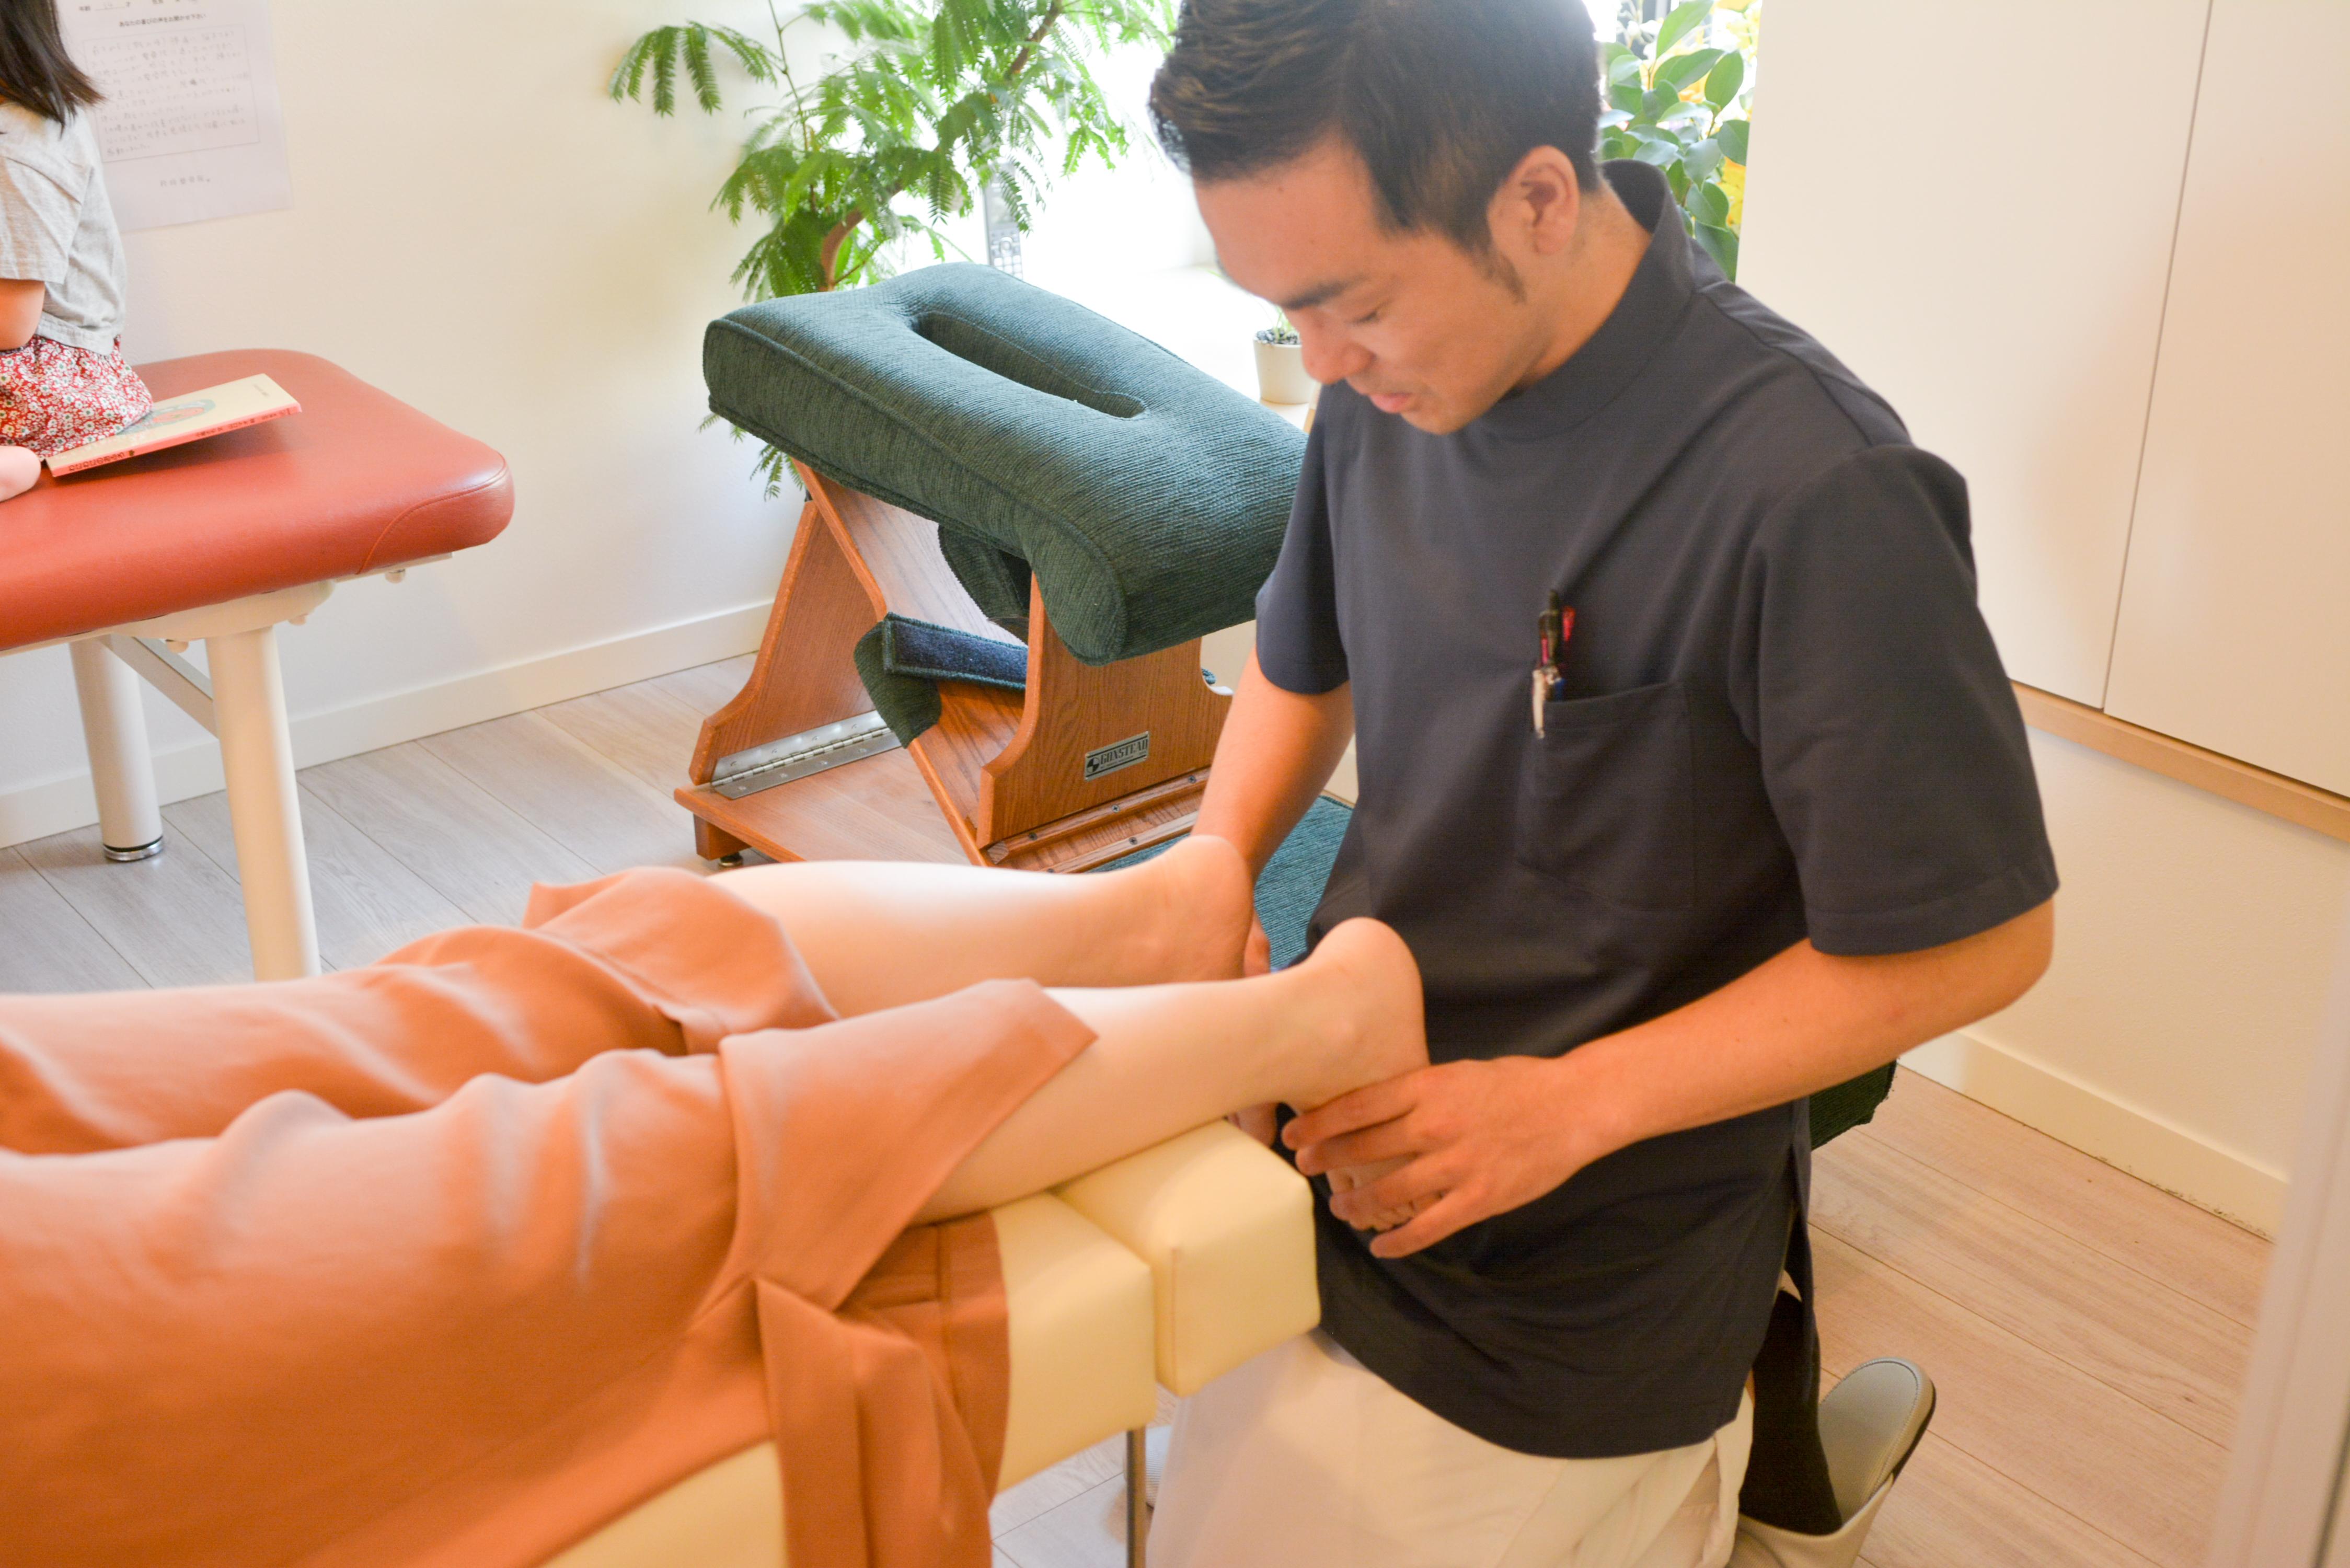 ベッドでうつ伏せの患者様の足の長さを左右比較している